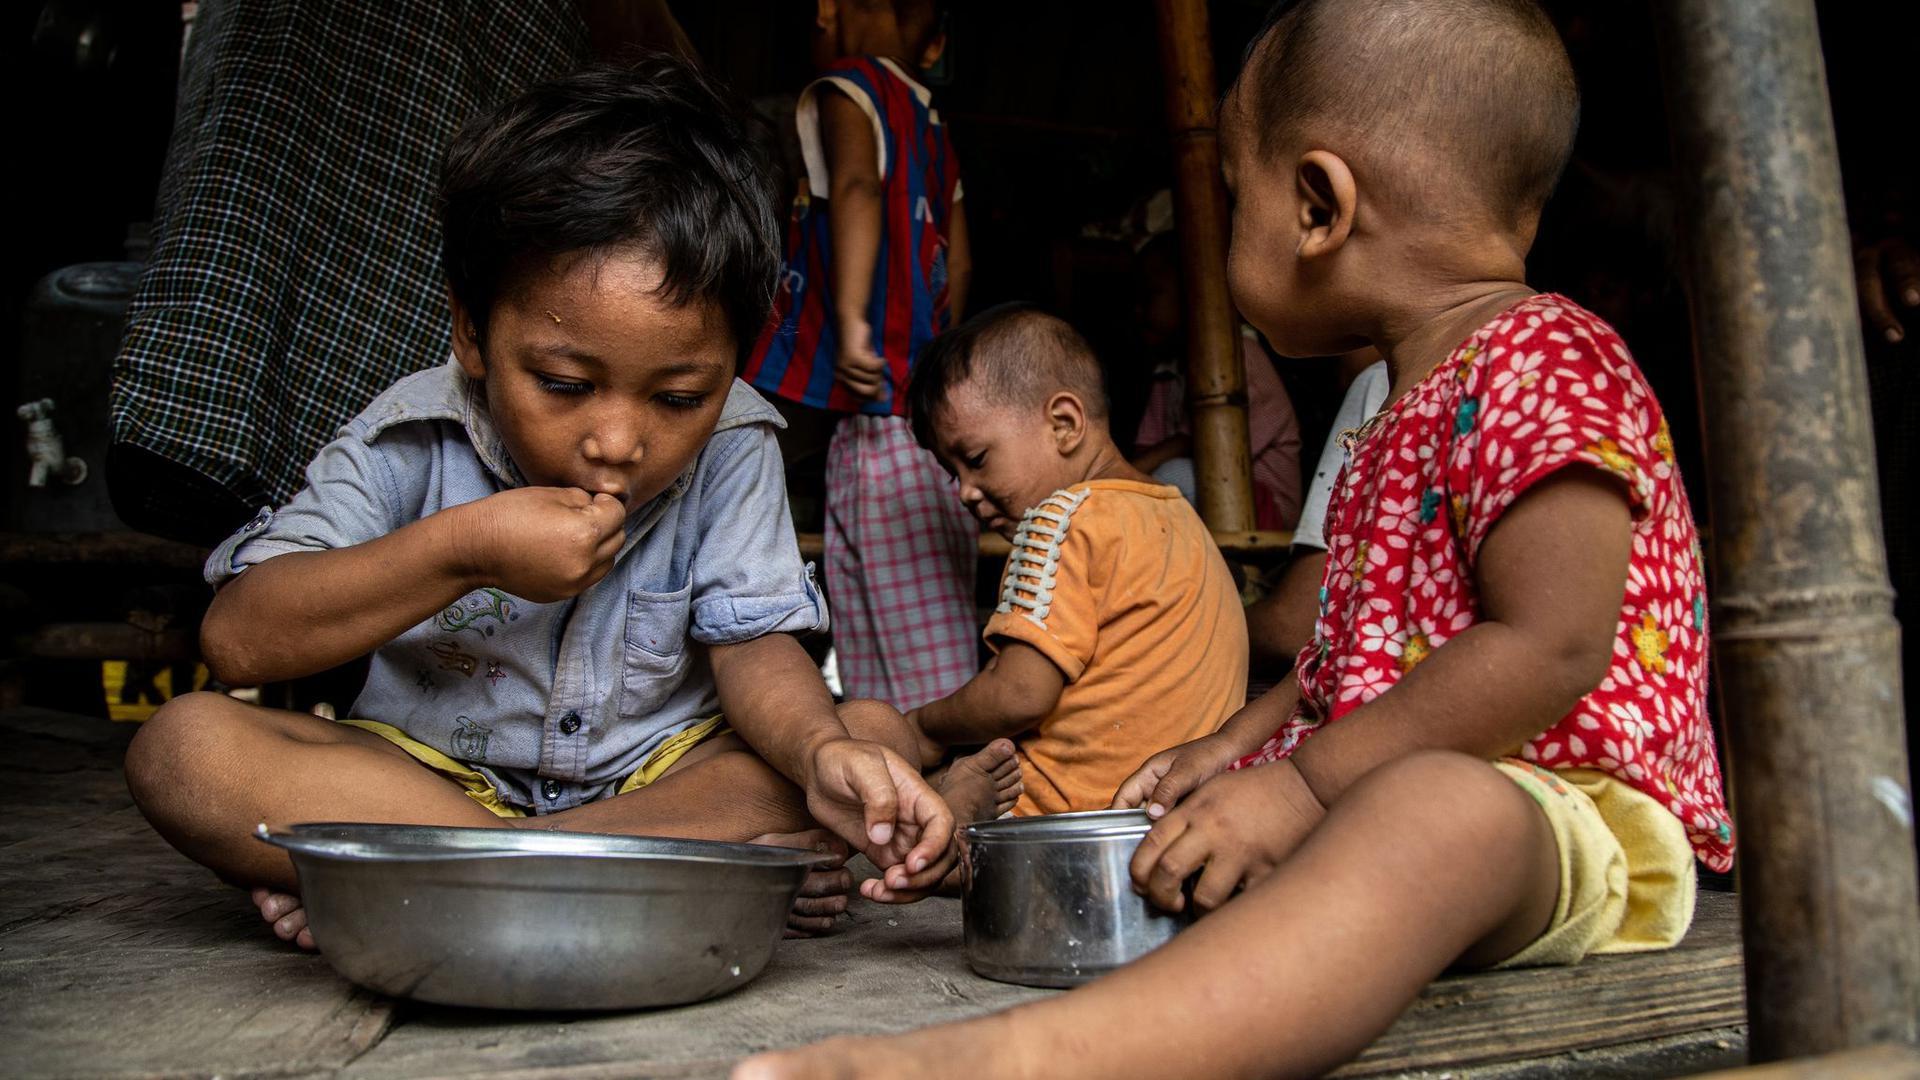 Kinder einer vom World Food-Programme unterstützten Familie sitzen beim Mittagessen in ihrer Hütte im Hlaing Thar Yar Township. (Archivbild)